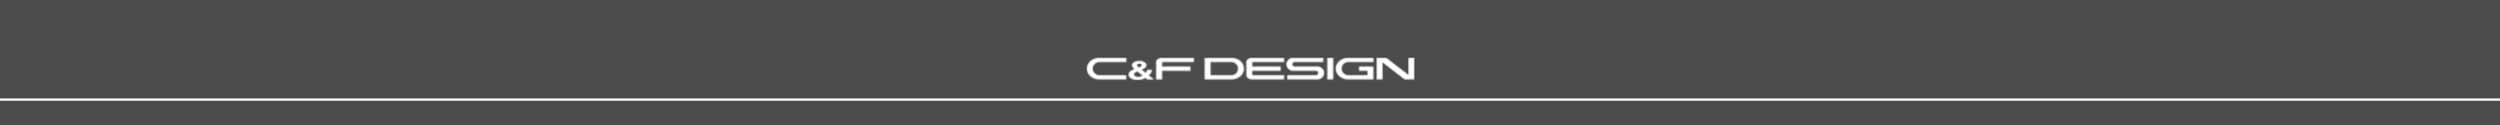 C & F Design